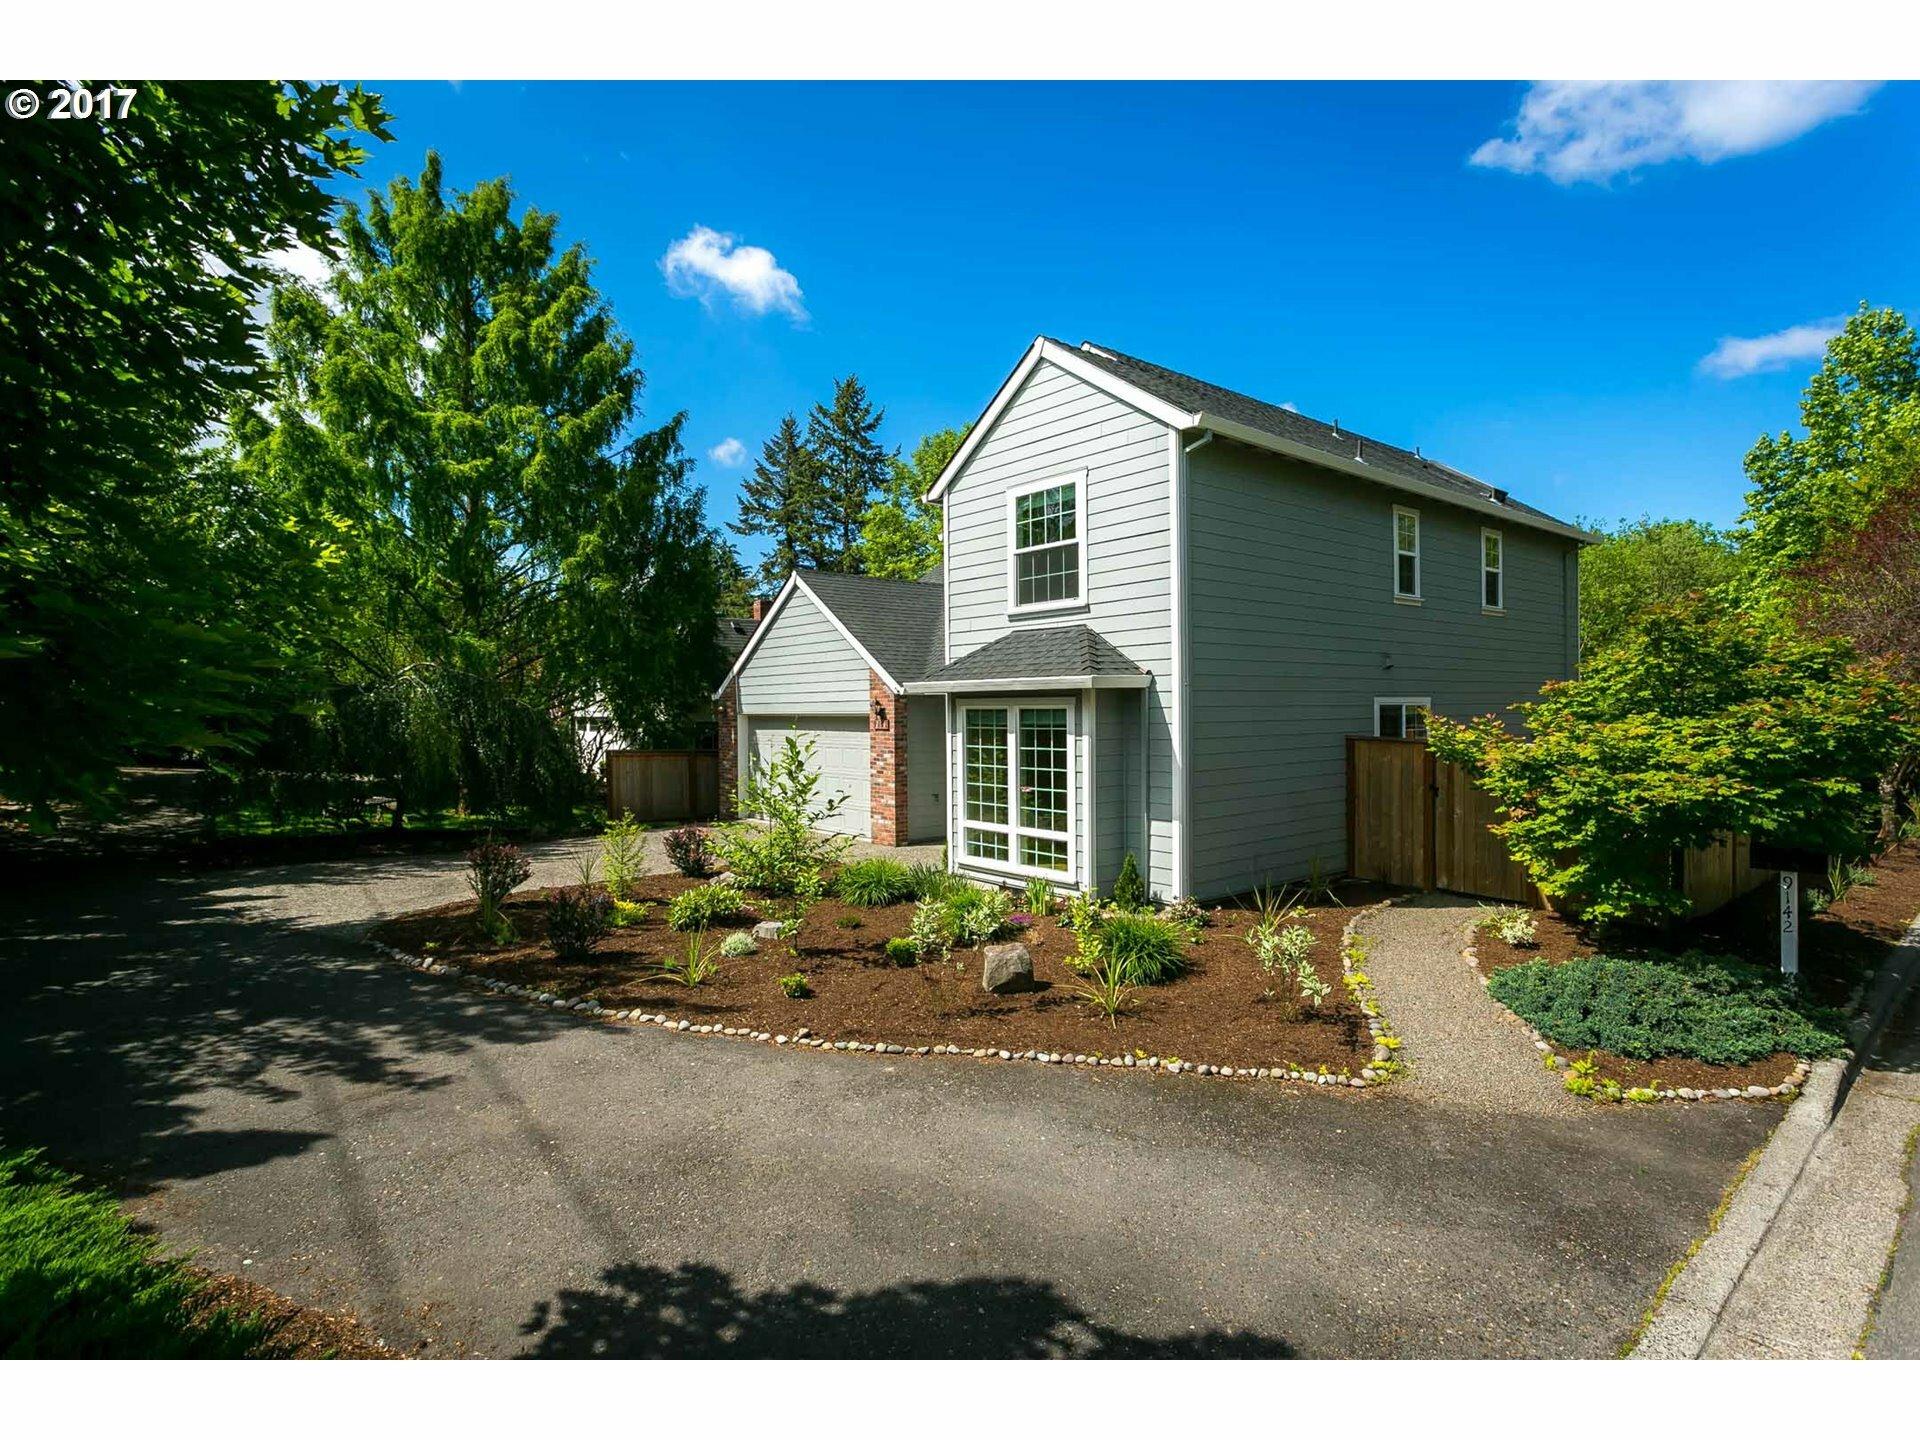 9142 Sw Midea Ct, Portland, OR - USA (photo 2)